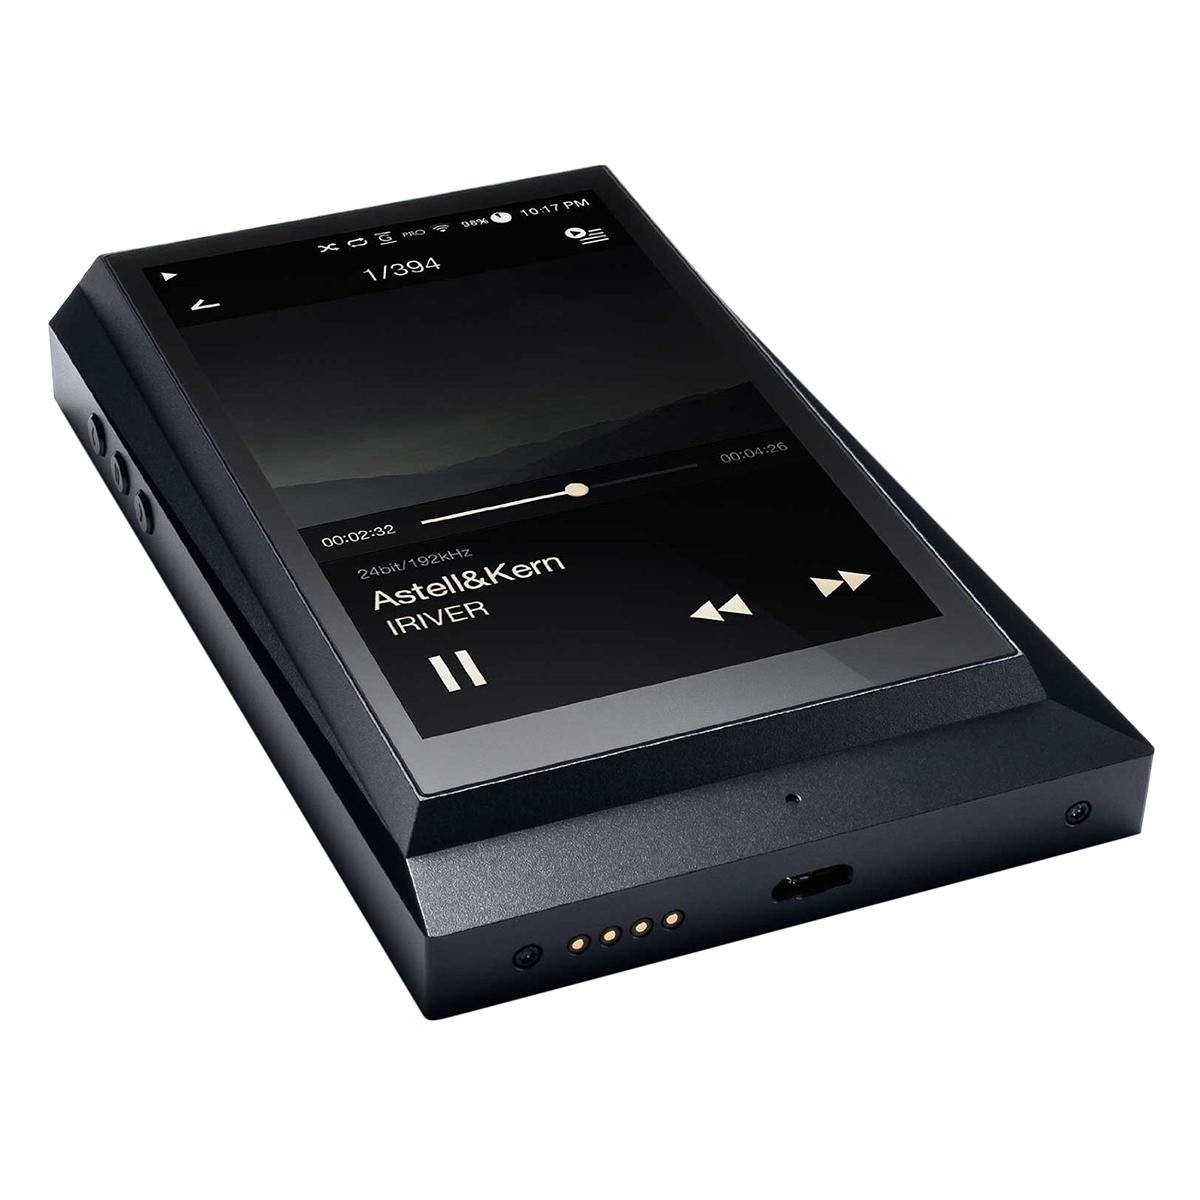 Máy Nghe Nhạc Astell&Kern AK300 64GB - Hàng Chính Hãng